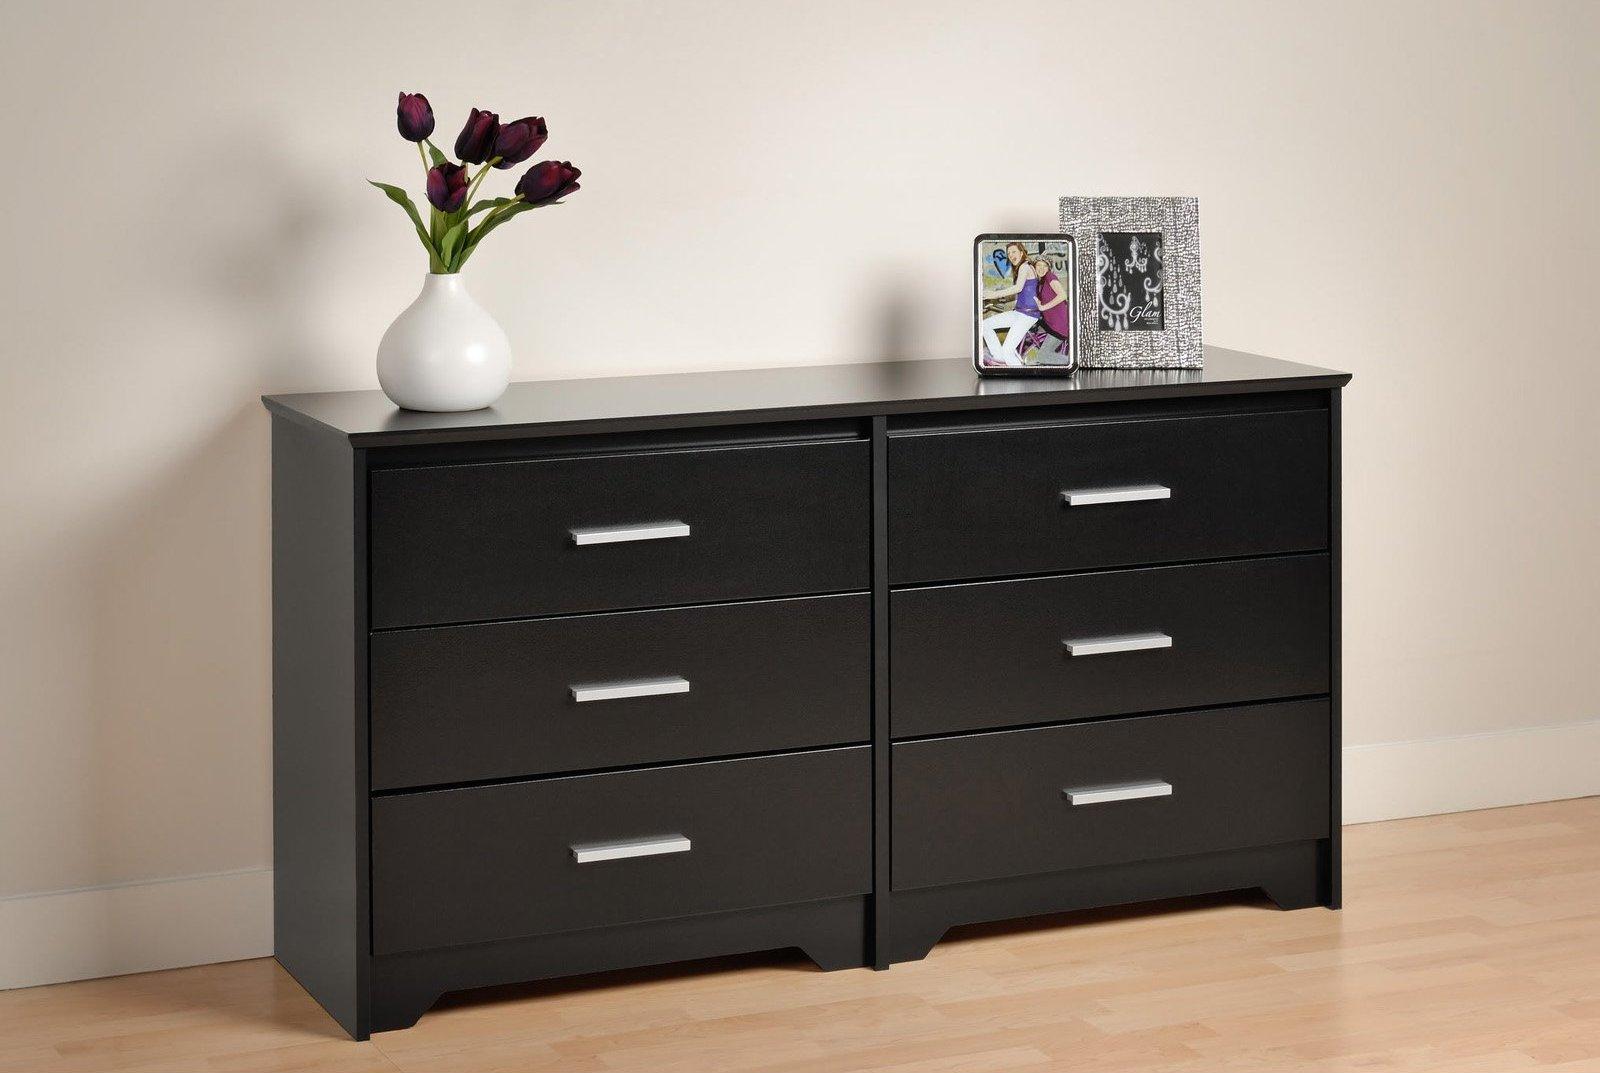 Prepac Coal Harbor 6 Drawer Dresser 194 54 Orig 251 99 Hayneedle